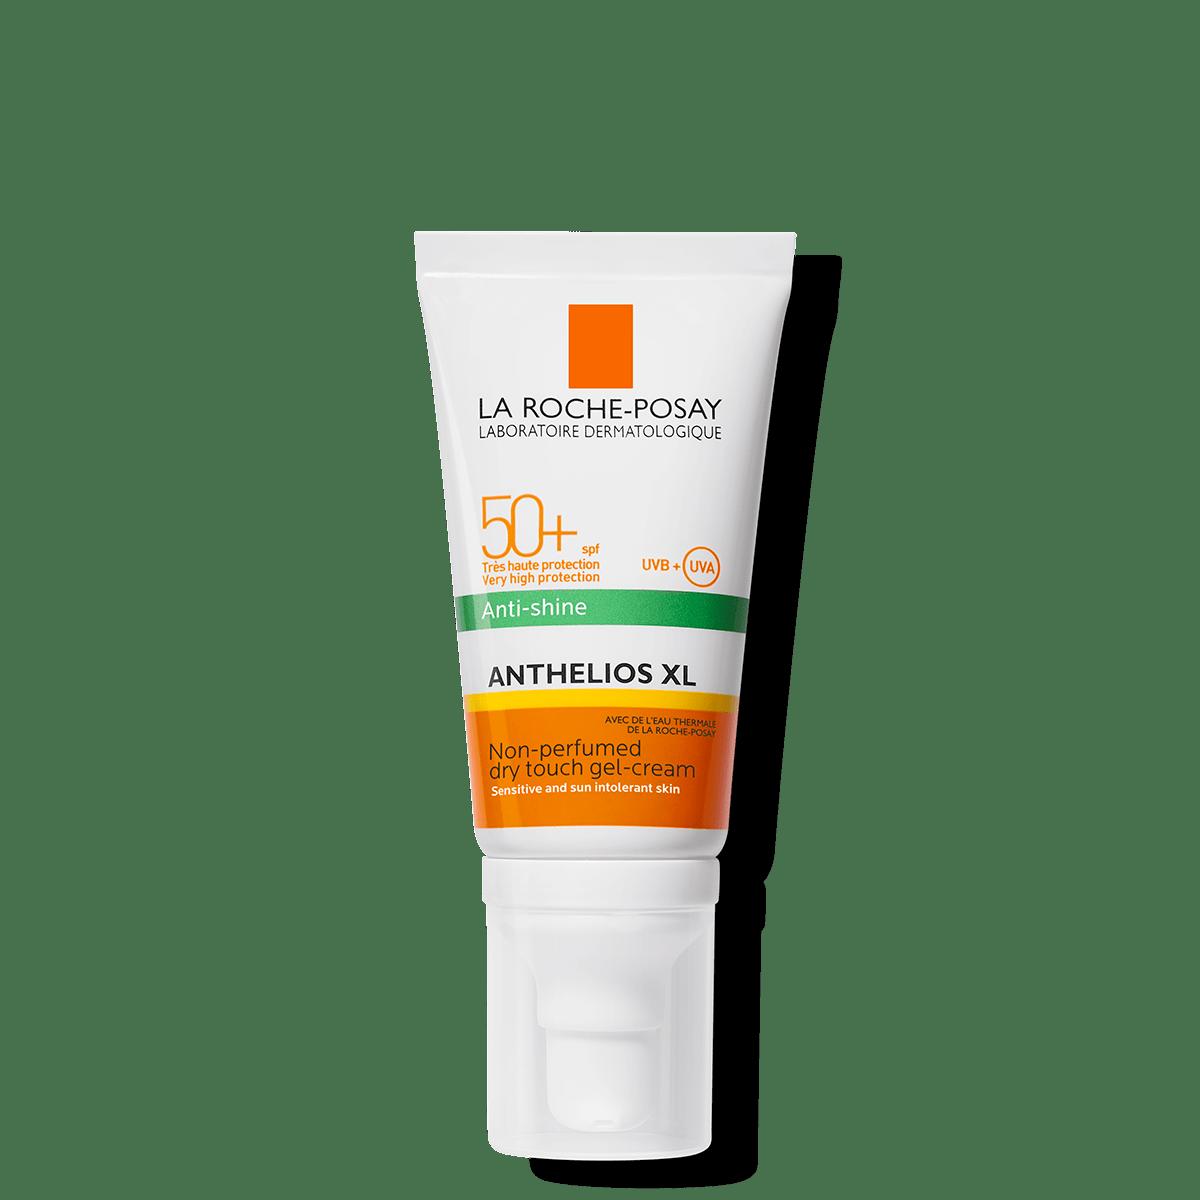 La Roche Posay Tuotesivu Aurinko Anthelios XL Dry Touch Gel Cream Spf50